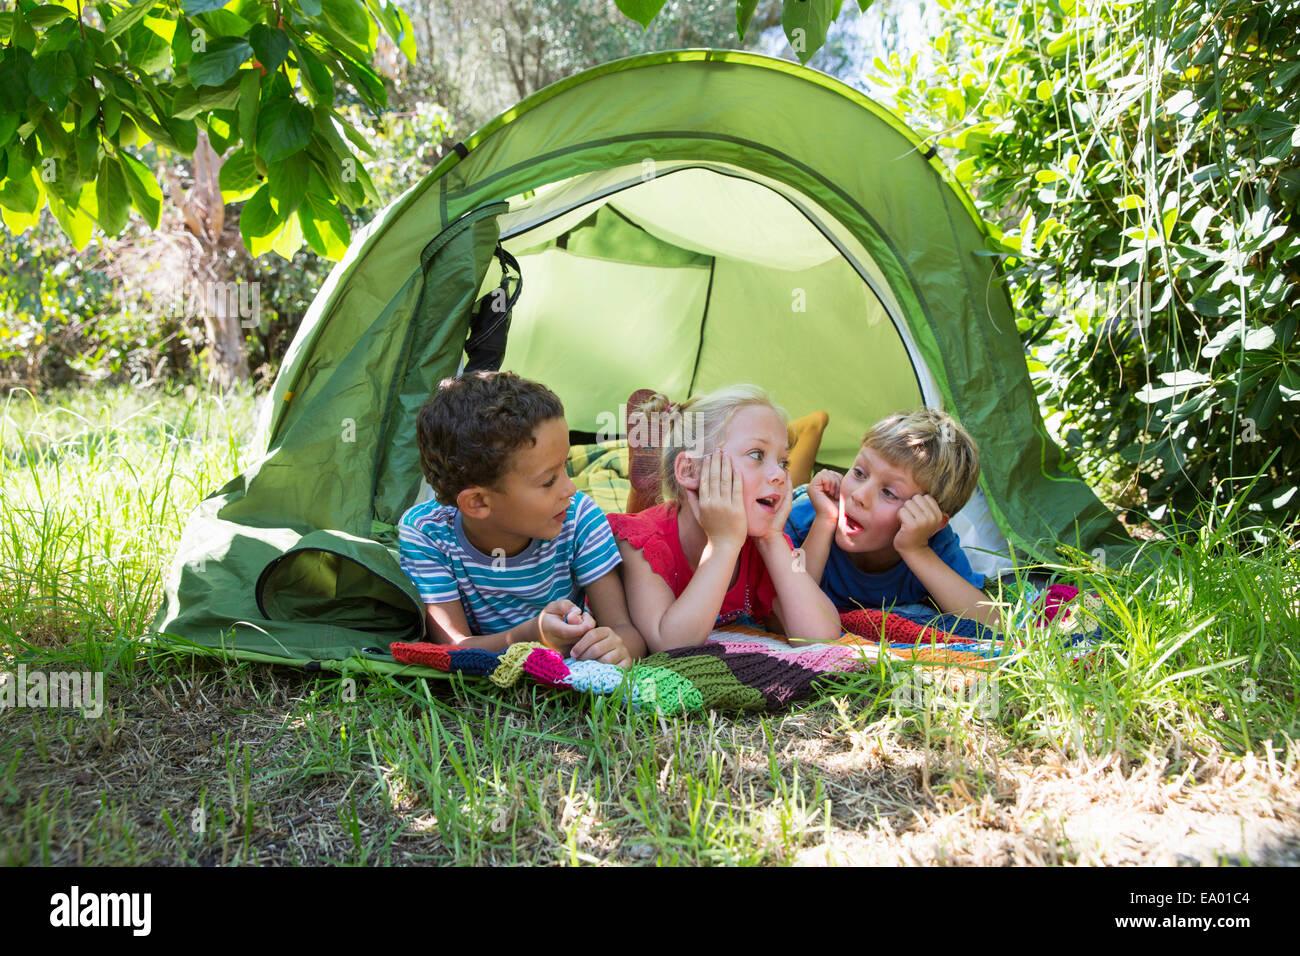 Drei Kinder Im Chat Bei Gartenzelt Stockfoto Bild 74989156 Alamy